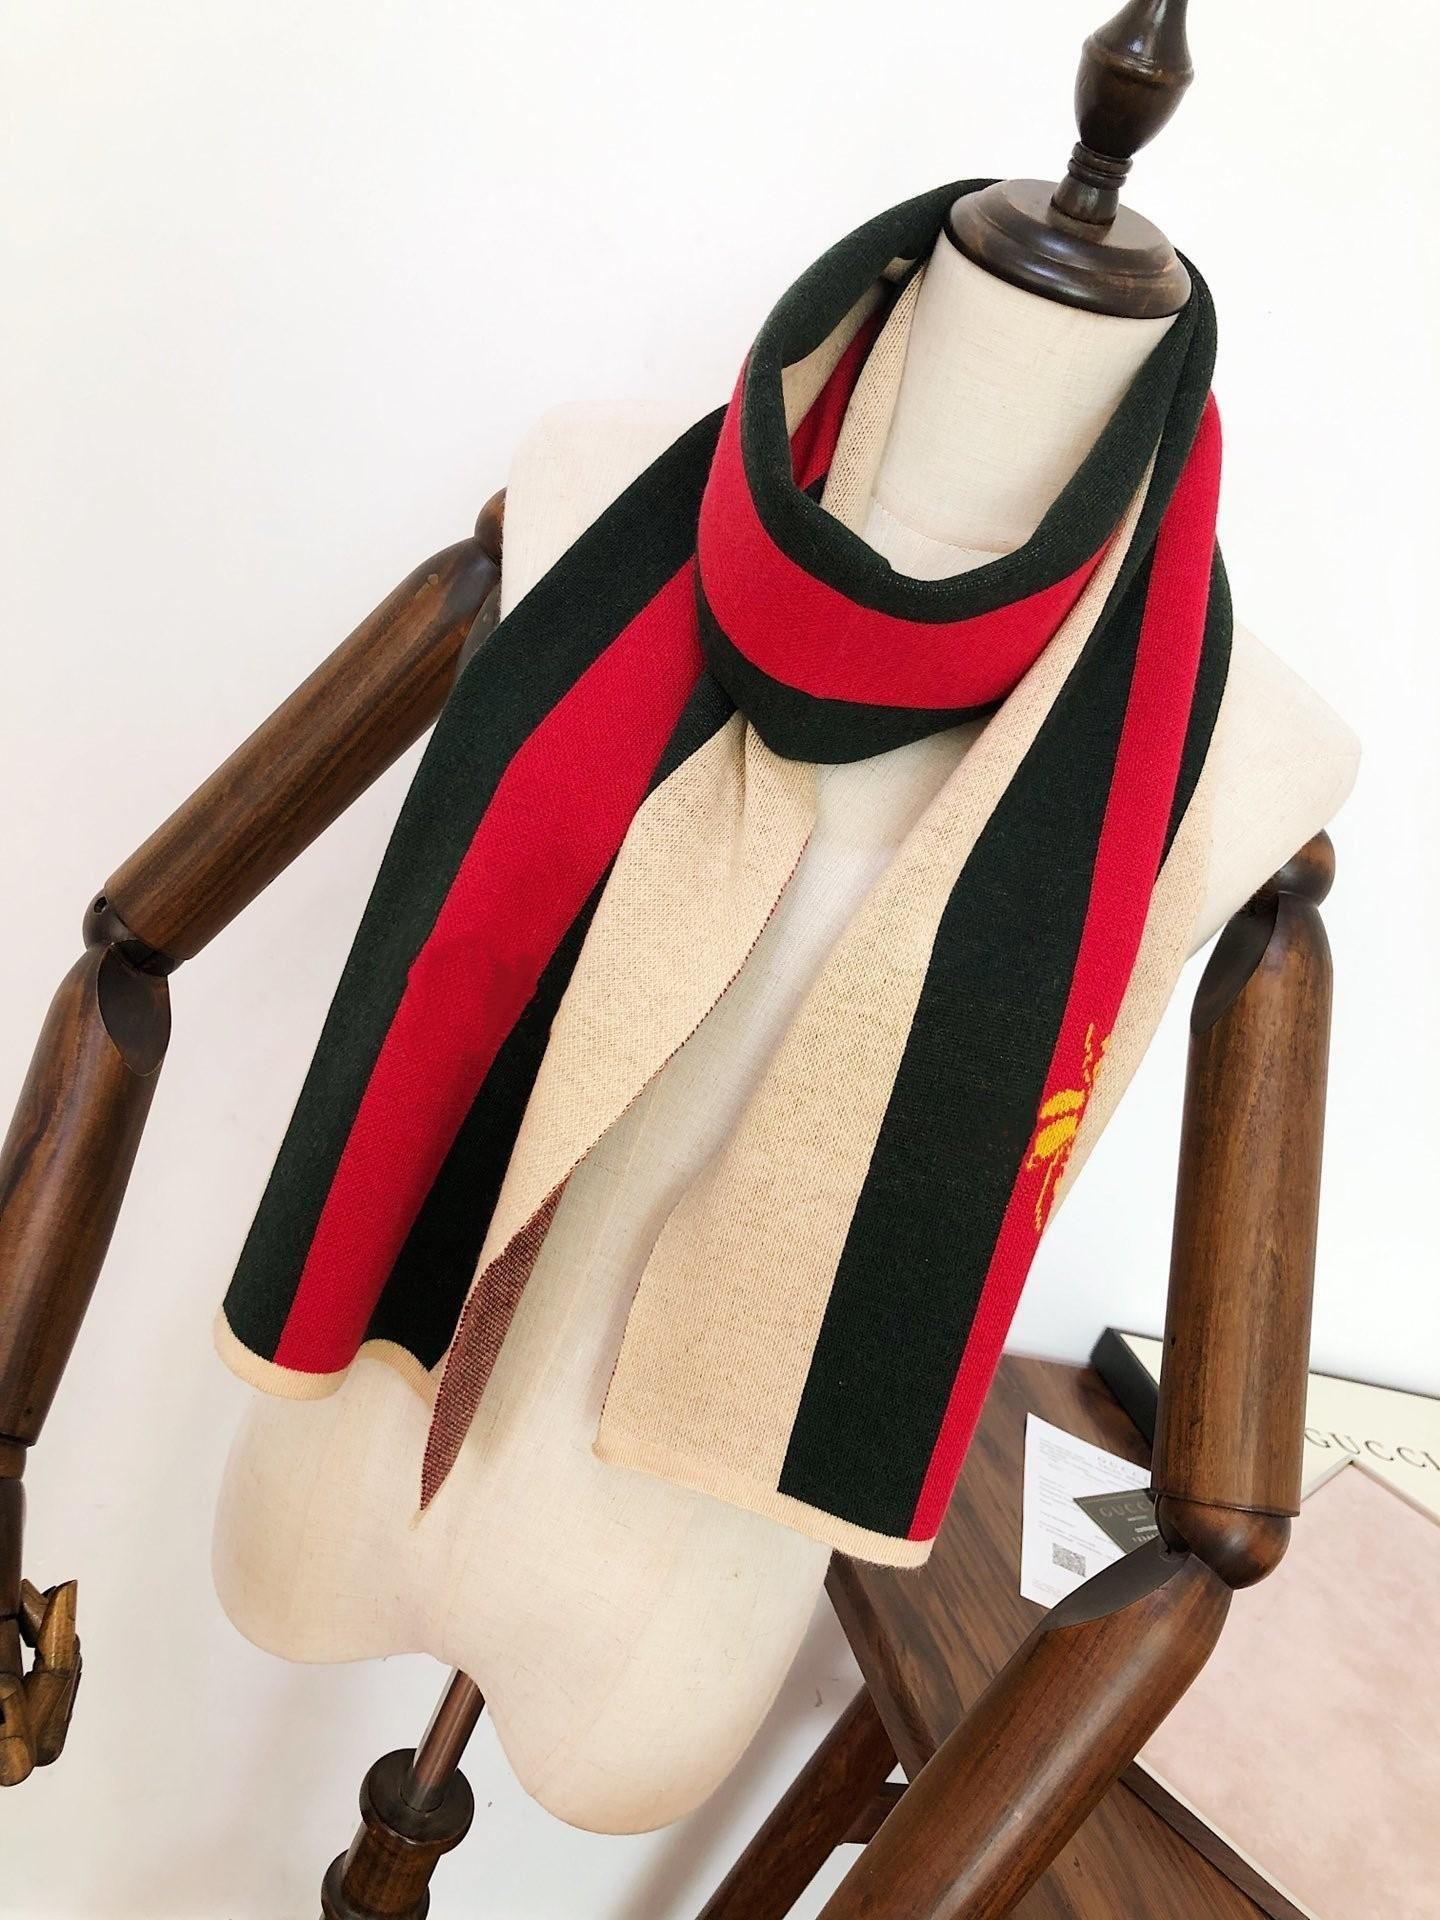 sciarpa di cachemire di alta qualità per gli uomini di dimensioni 2019 Nuovo Hemming Sciarpe scialli Wrap sciarpe 30 * 180cm degli uomini